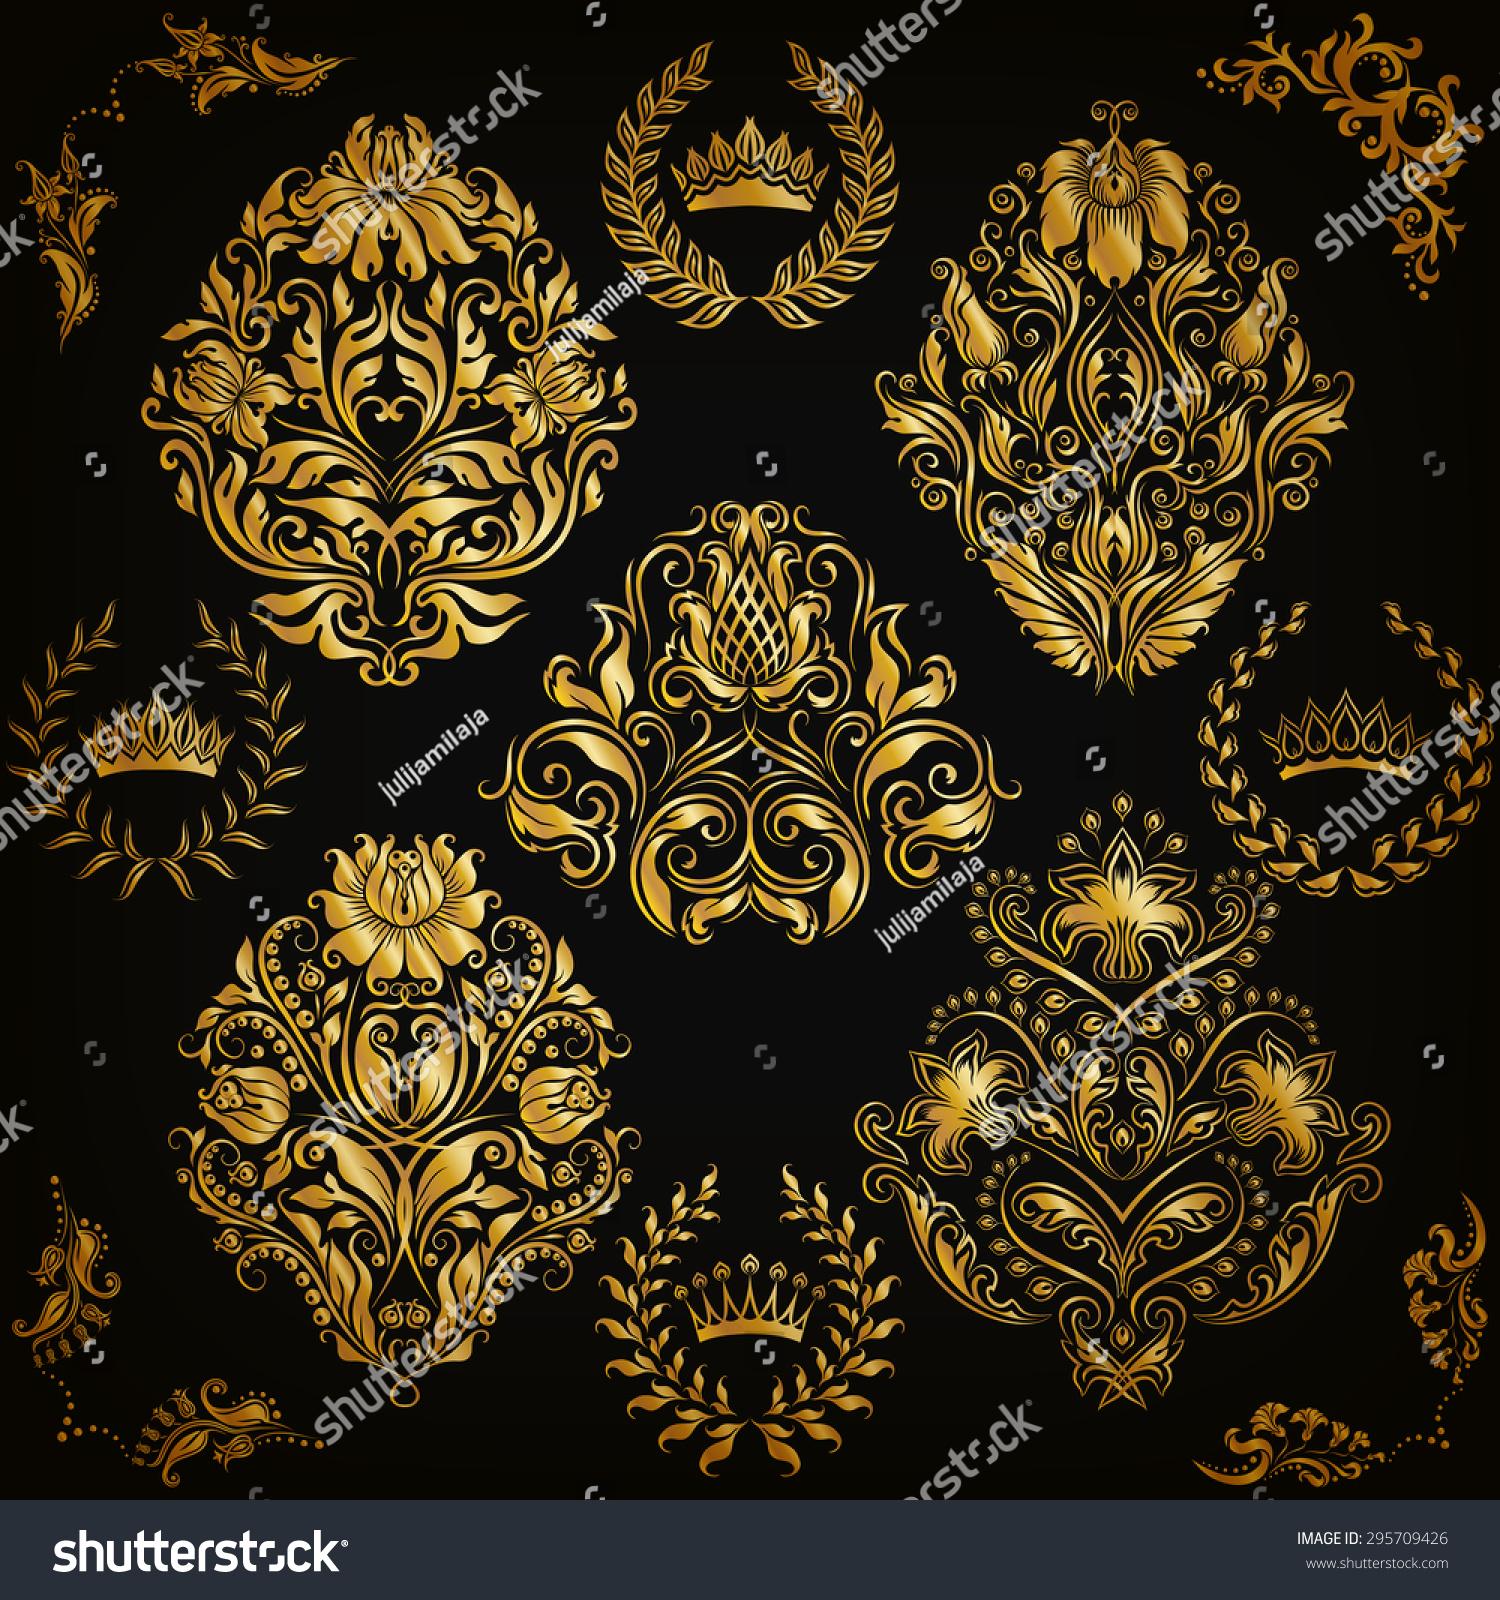 Set Of Black Flower Design Elements Vector Illustration: Set Of Gold Damask Ornaments. Floral Element, Ornate